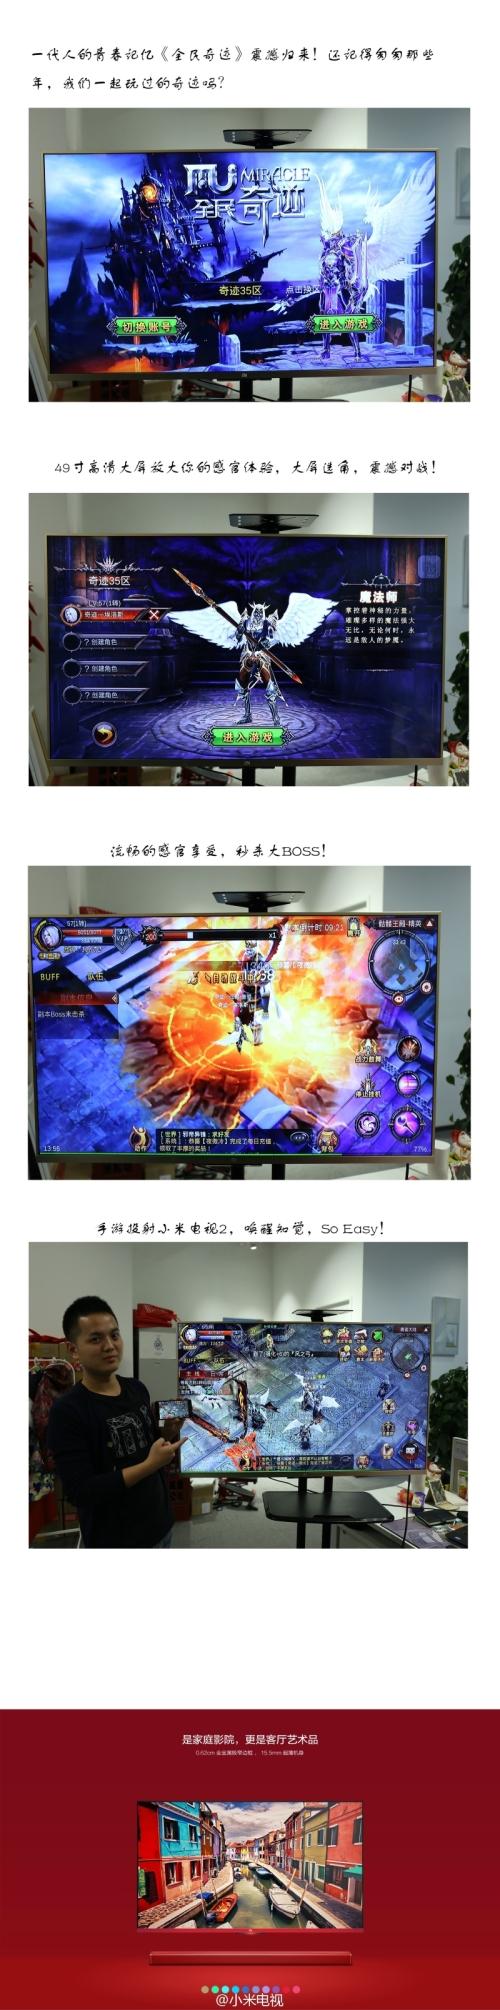 XiaomiMiracleWeibo04